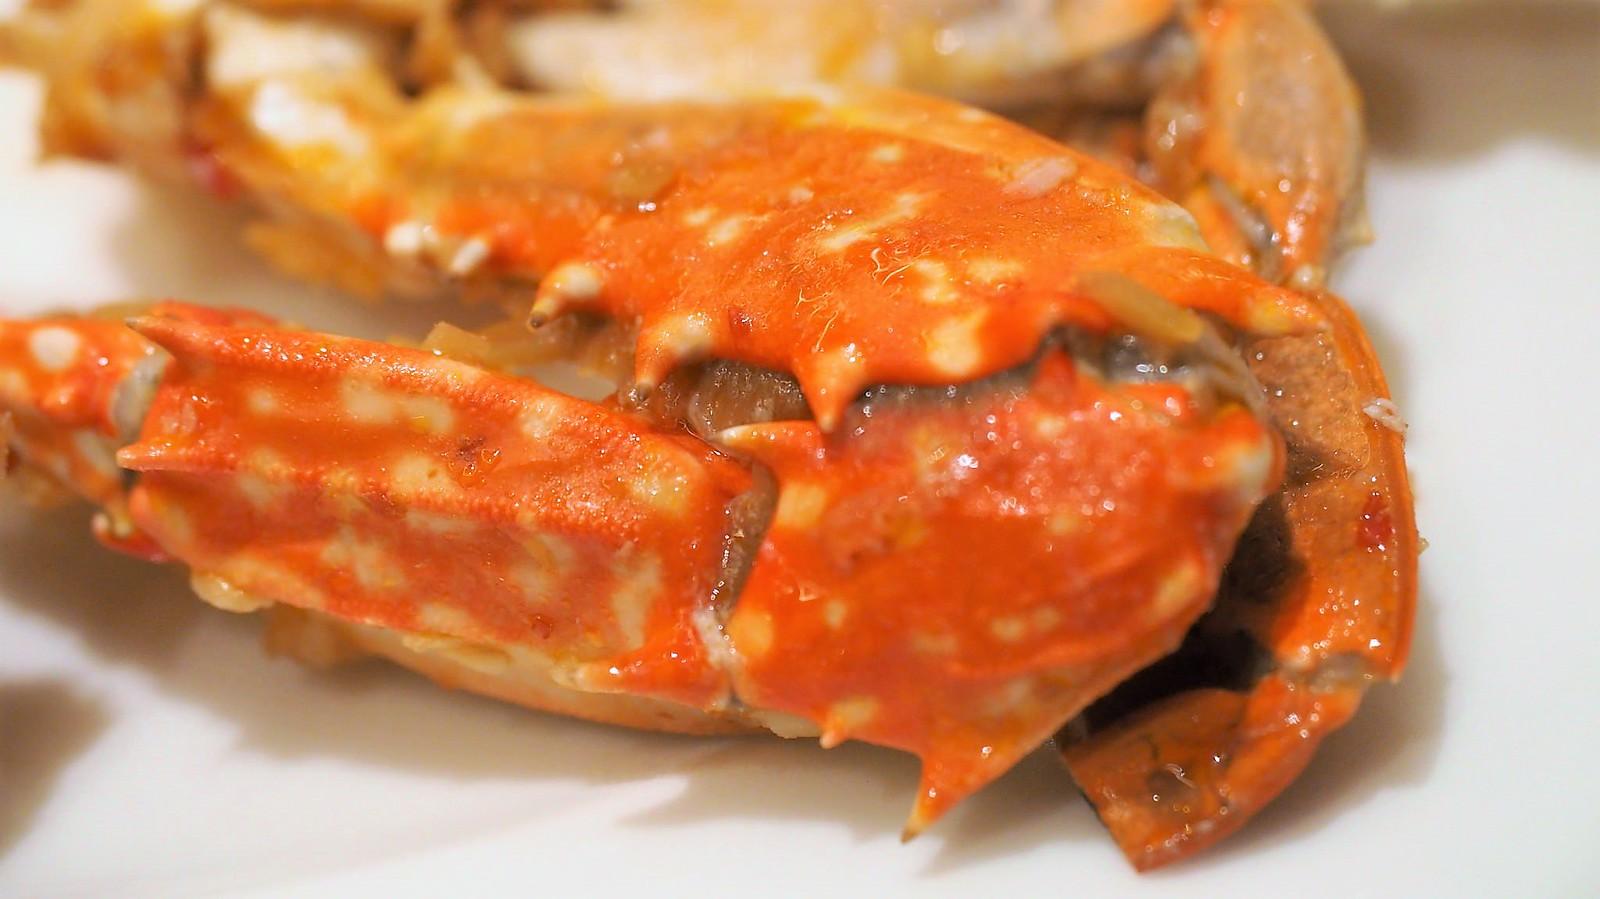 Chili soft-shell crab